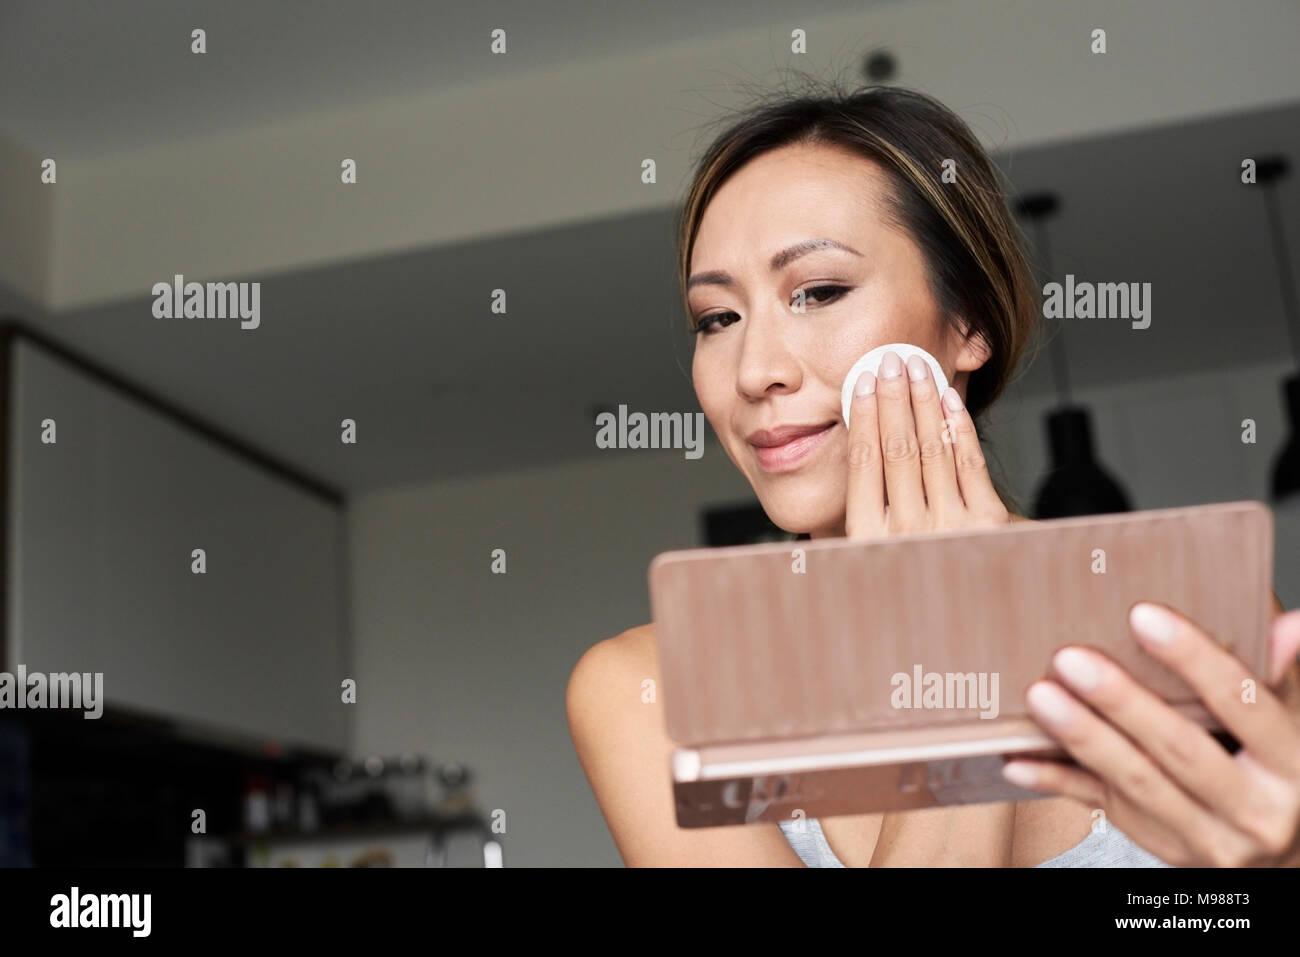 La donna di casa utilizzando lo specchio a mano la rimozione di trucco con tampone di cotone Immagini Stock